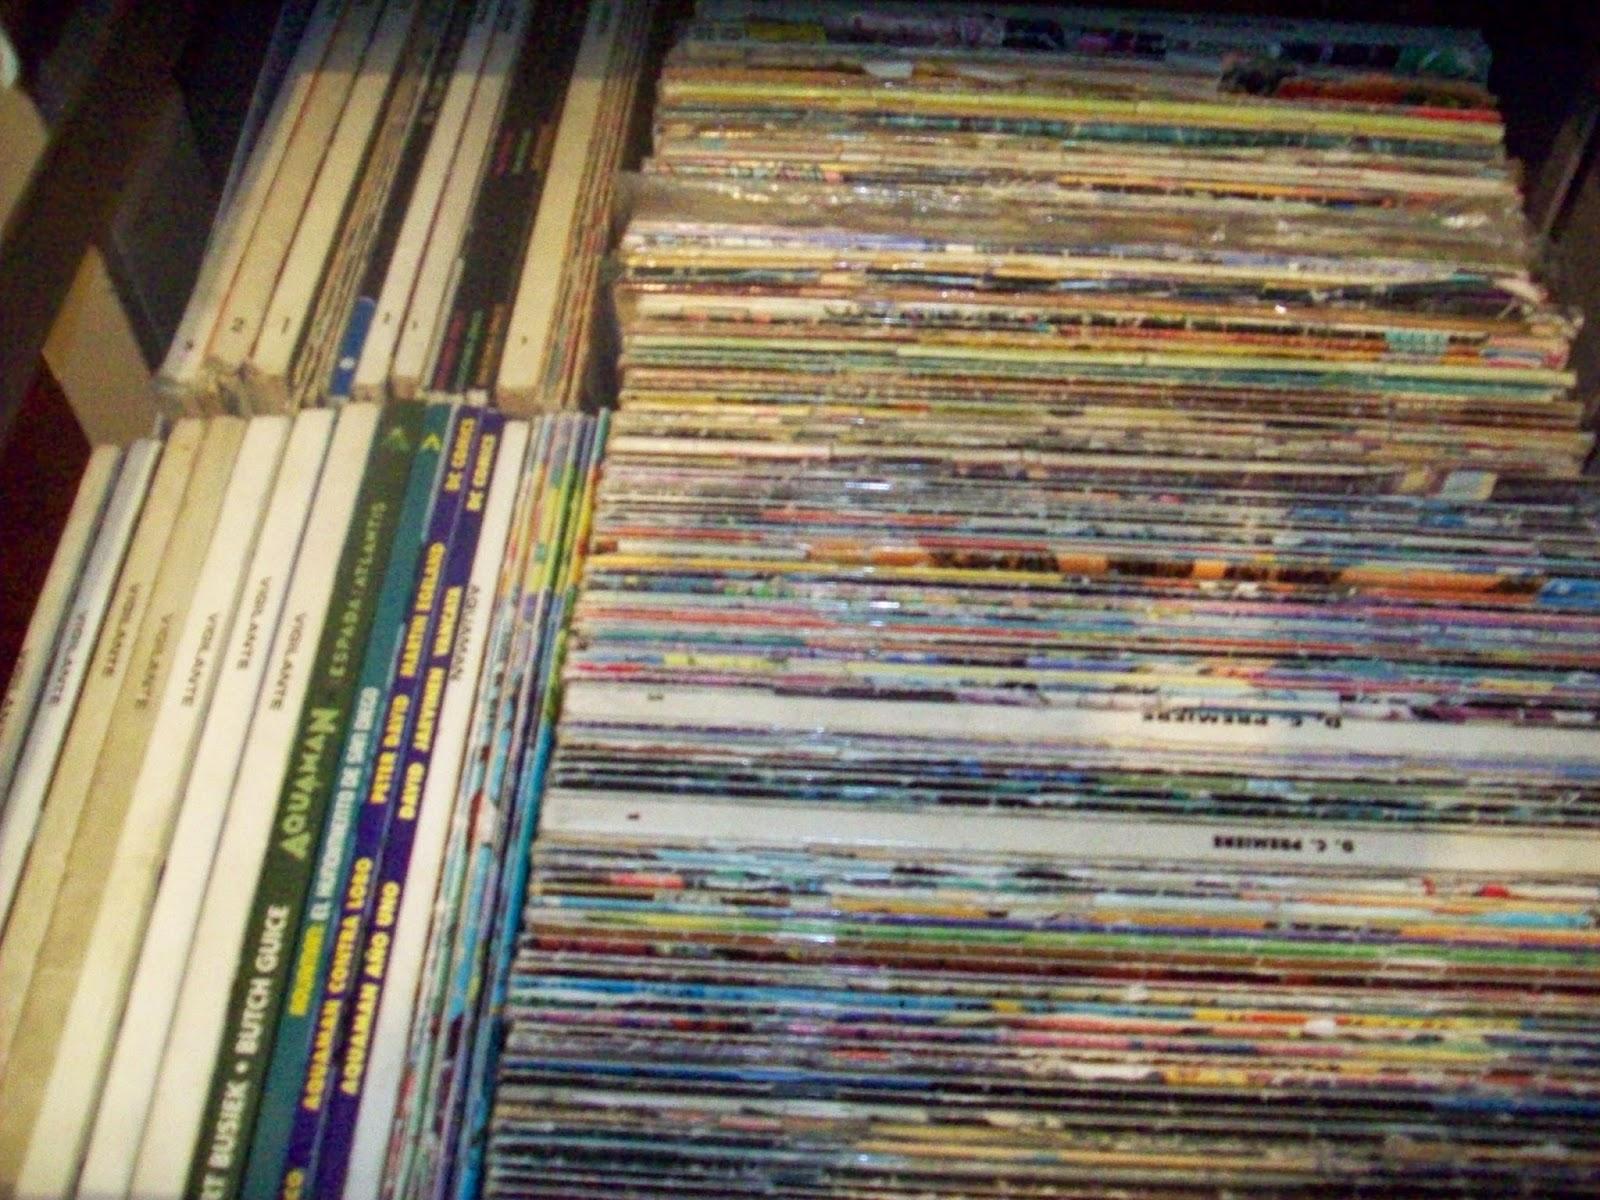 [COMICS] Colecciones de Comics ¿Quién la tiene más grande?  - Página 6 100_5547